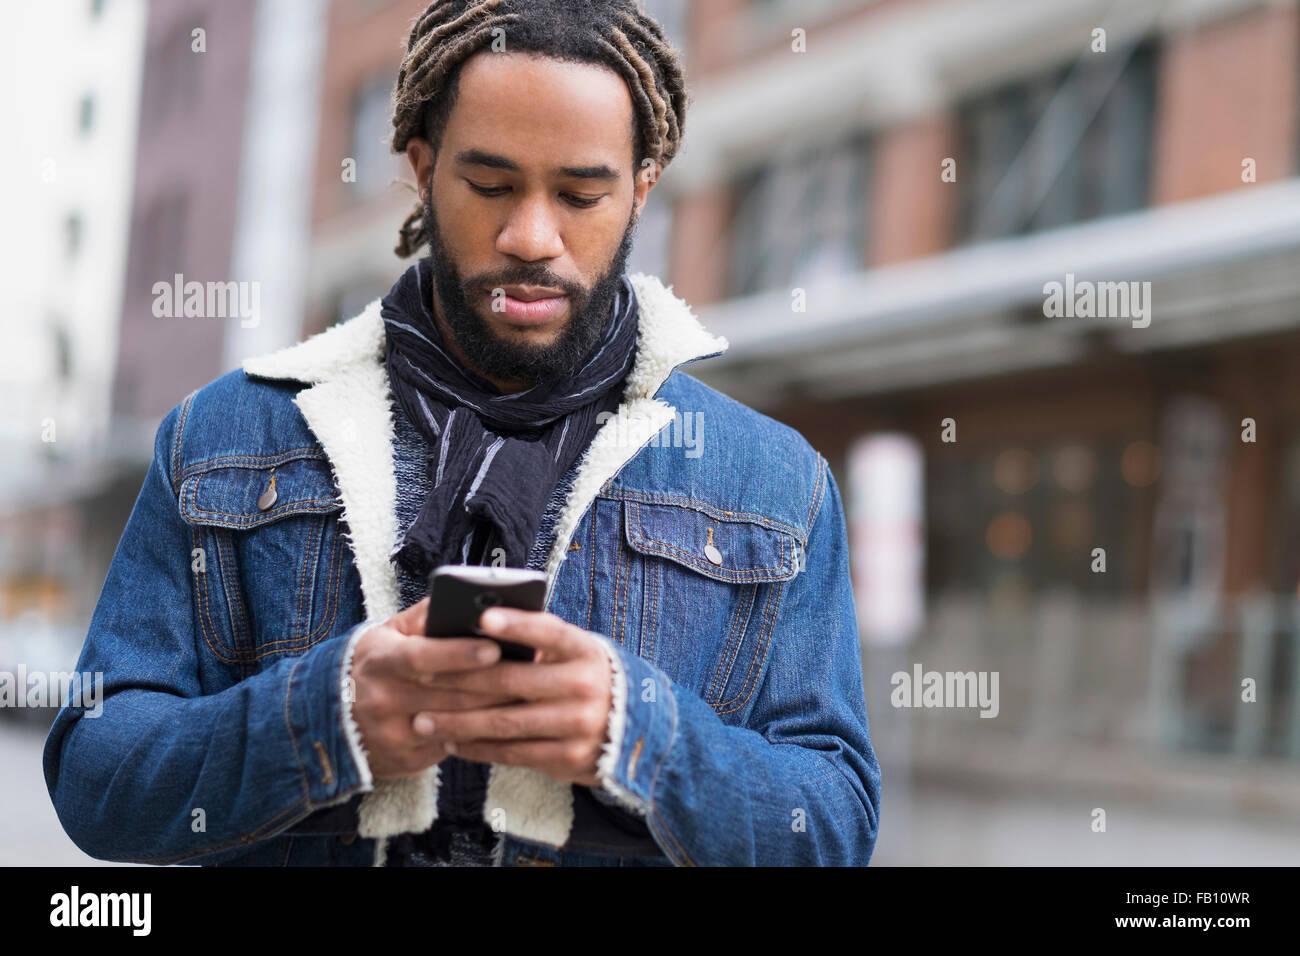 Uomo serio con dreadlocks utilizzando smart phone in strada Immagini Stock